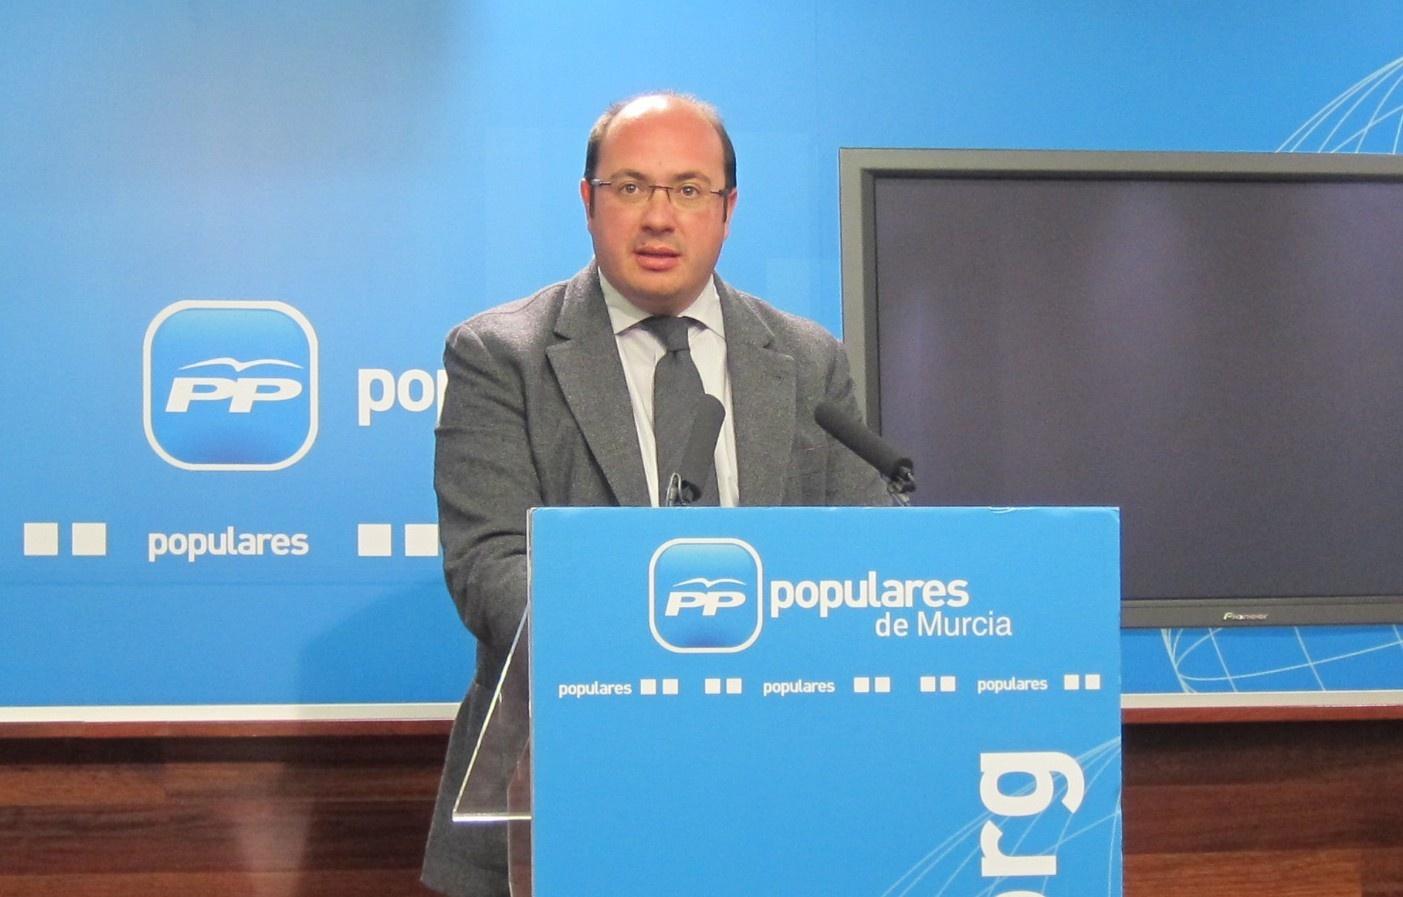 Comunidades del PP aplicarán la Lomce respondiendo a un modelo de nueva educación para «mejorar los resultados»